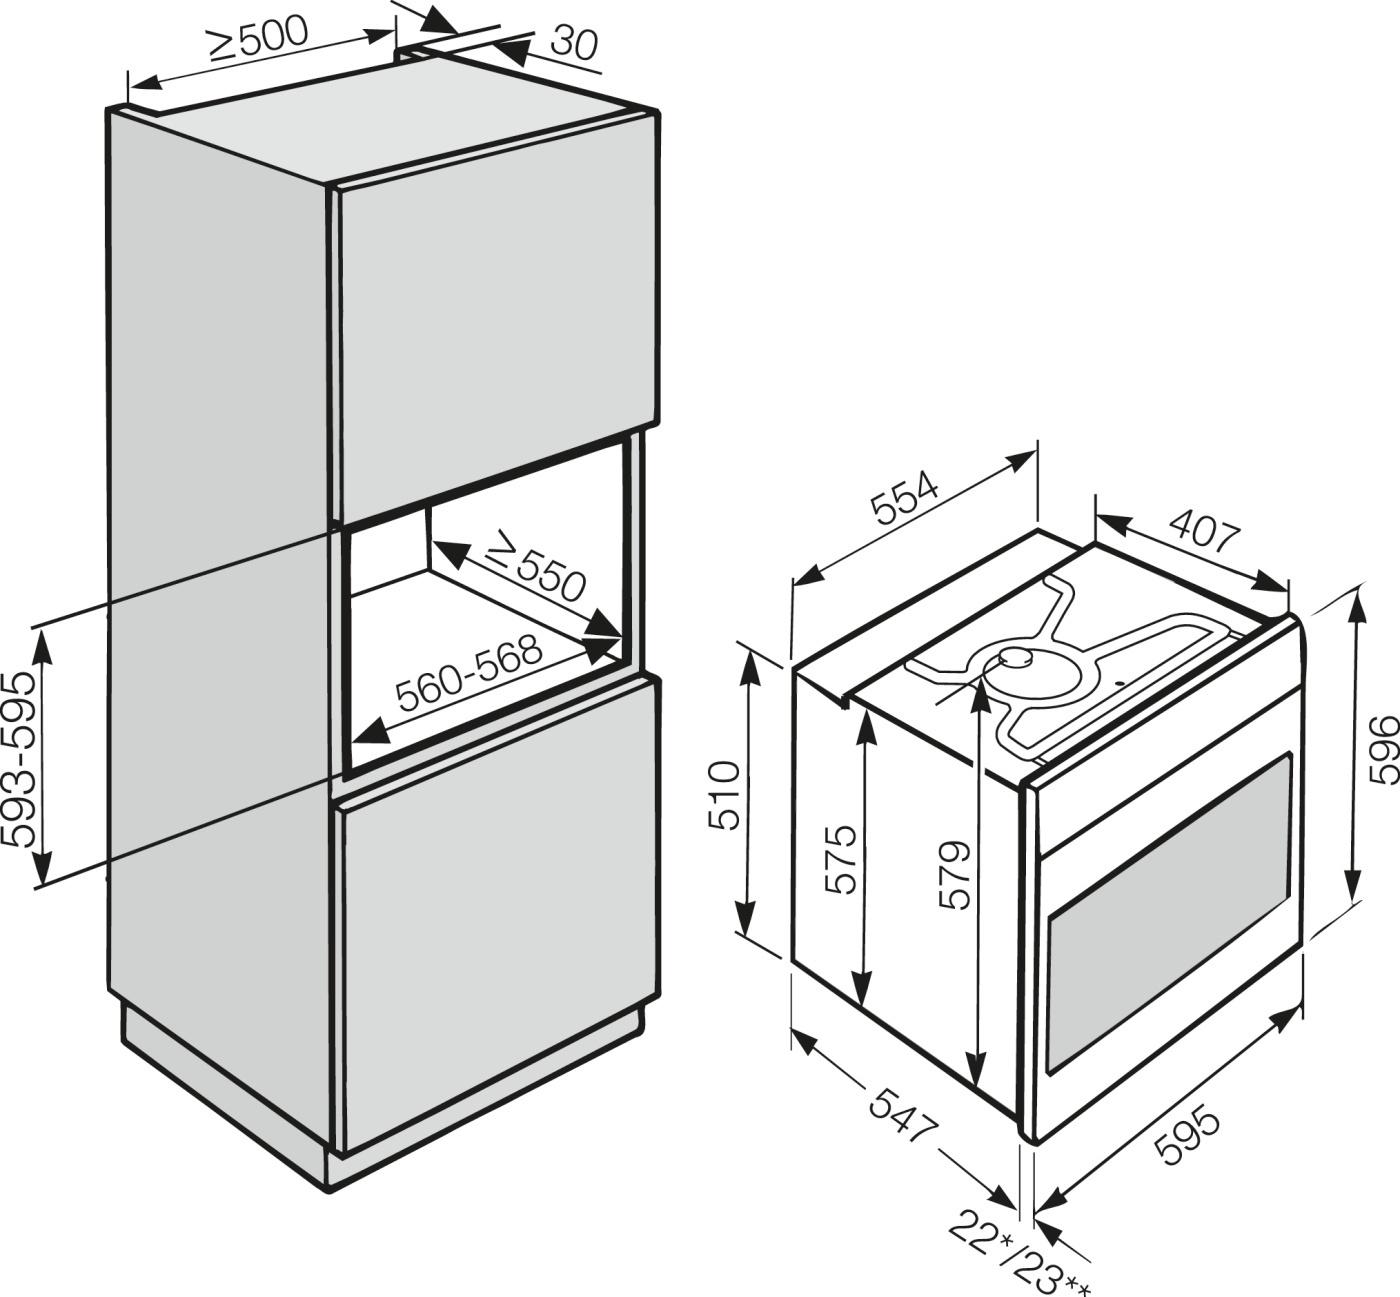 Как сделать Шкаф для духового шкафа своими